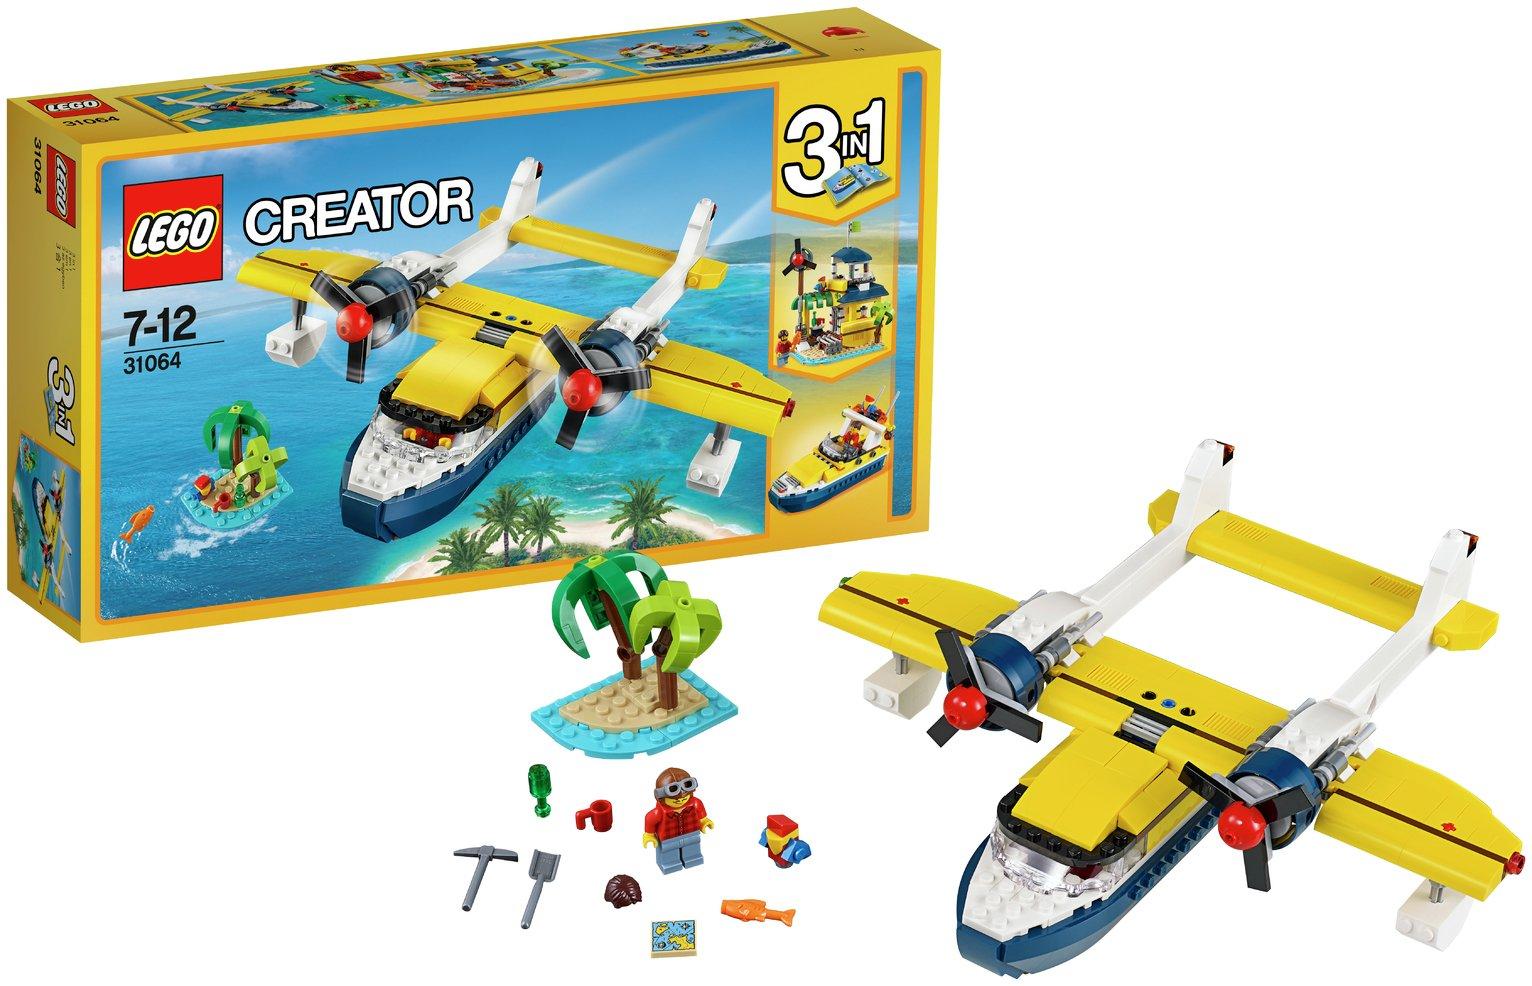 Kleurplaten Lego Creator.5702015867887 Ean Lego Creator Wasserflugzeug Abenteuer 31064